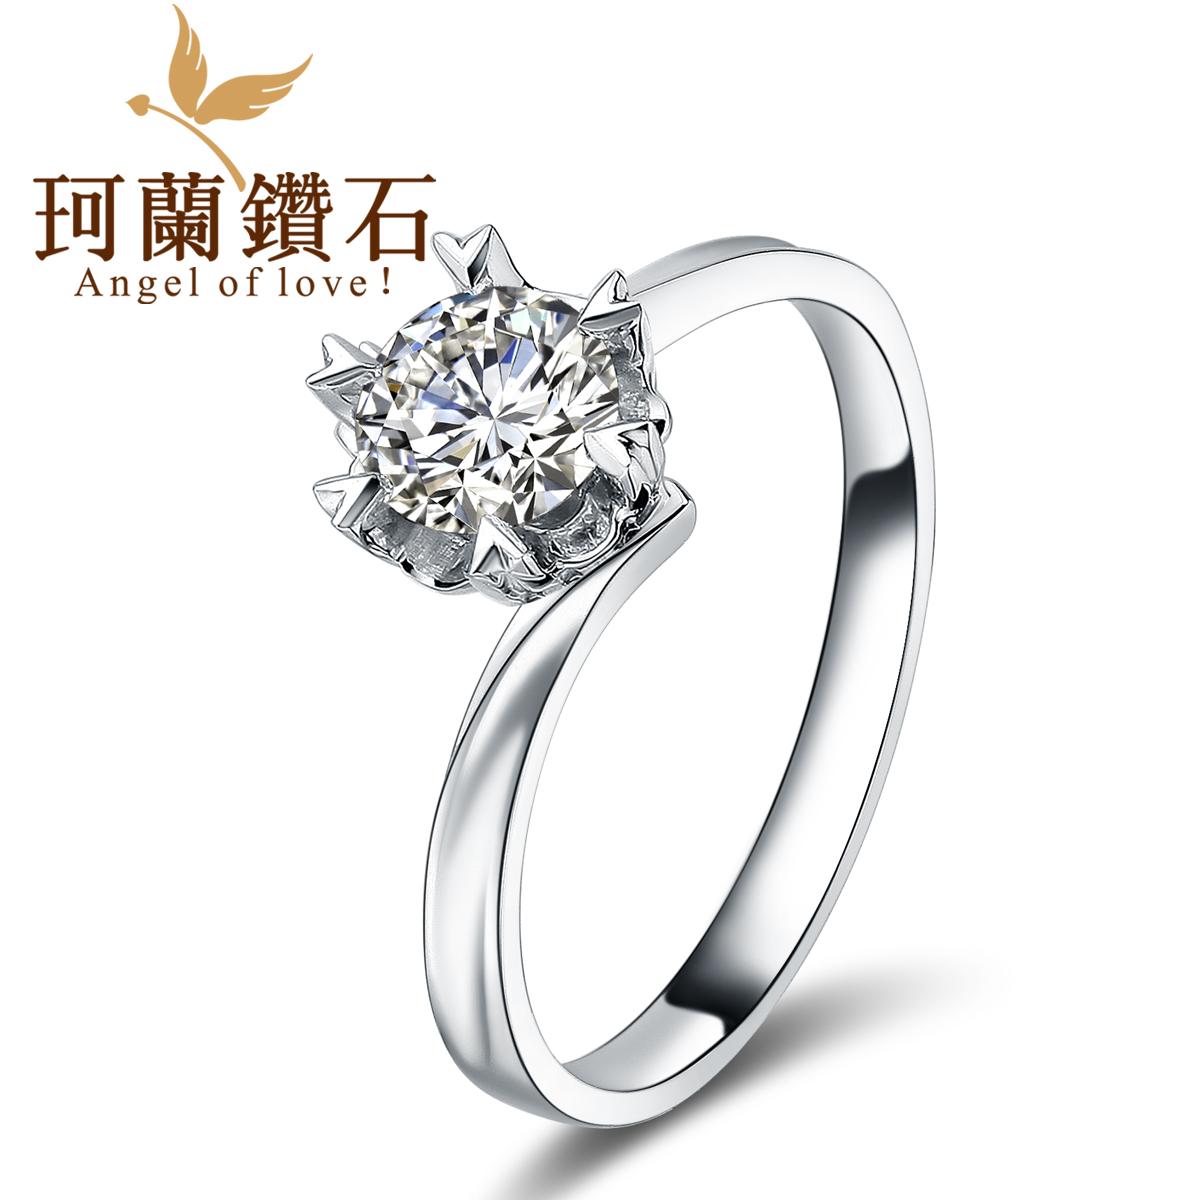 珂兰钻石 18k白金铂金30分 时尚结婚钻戒女戒指 正品专柜S 闪耀